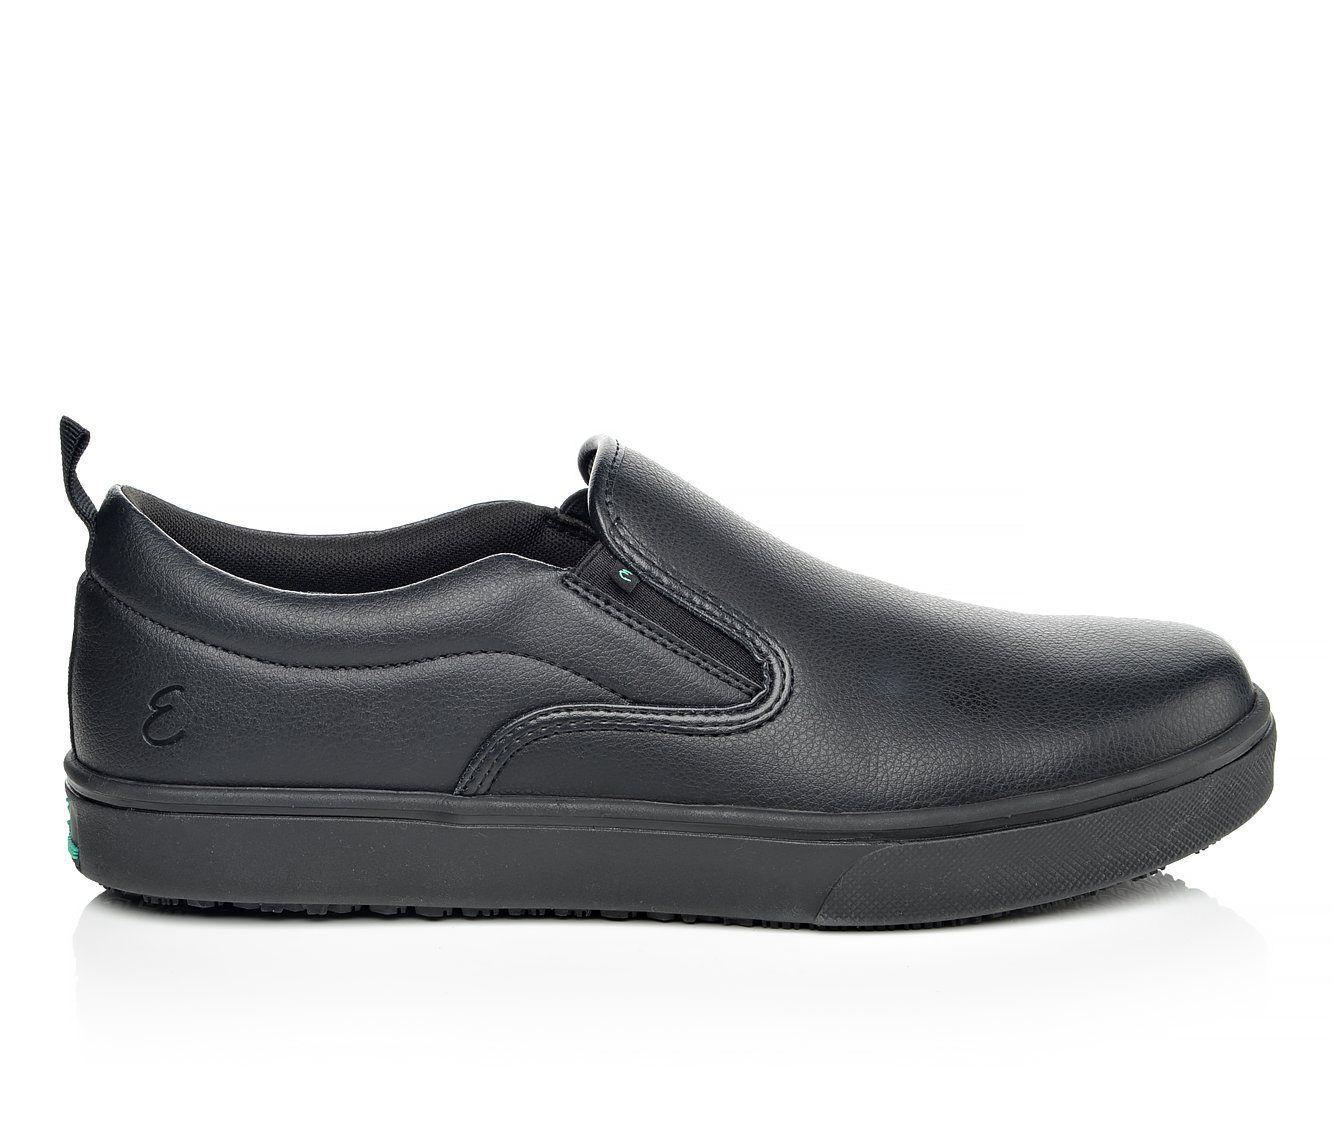 vans non slip kitchen shoes - Non Slip Kitchen Shoes